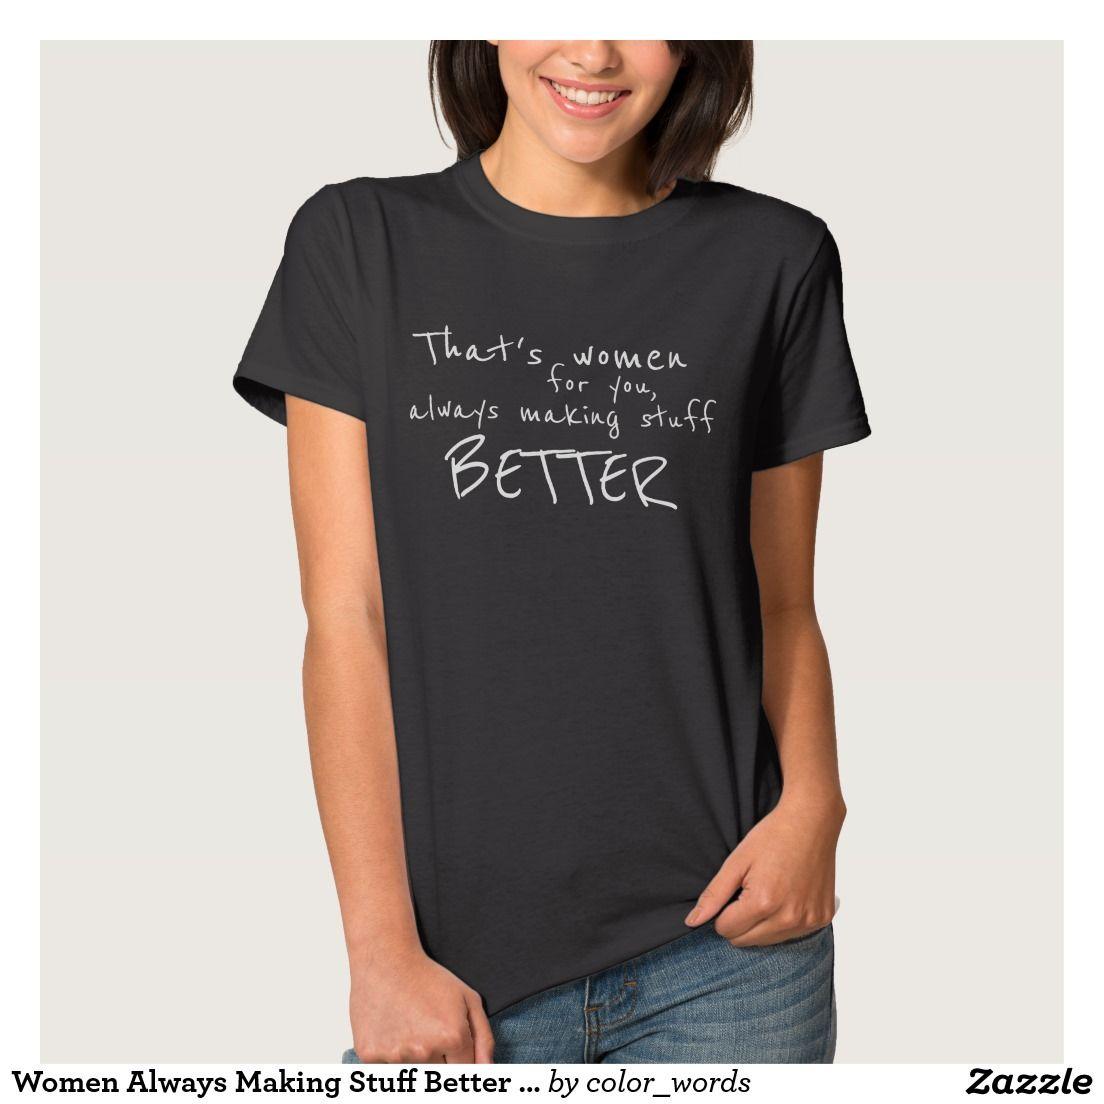 Women Always Making Stuff Better Funny True T-shirt #glassceiling #feminist #hillary